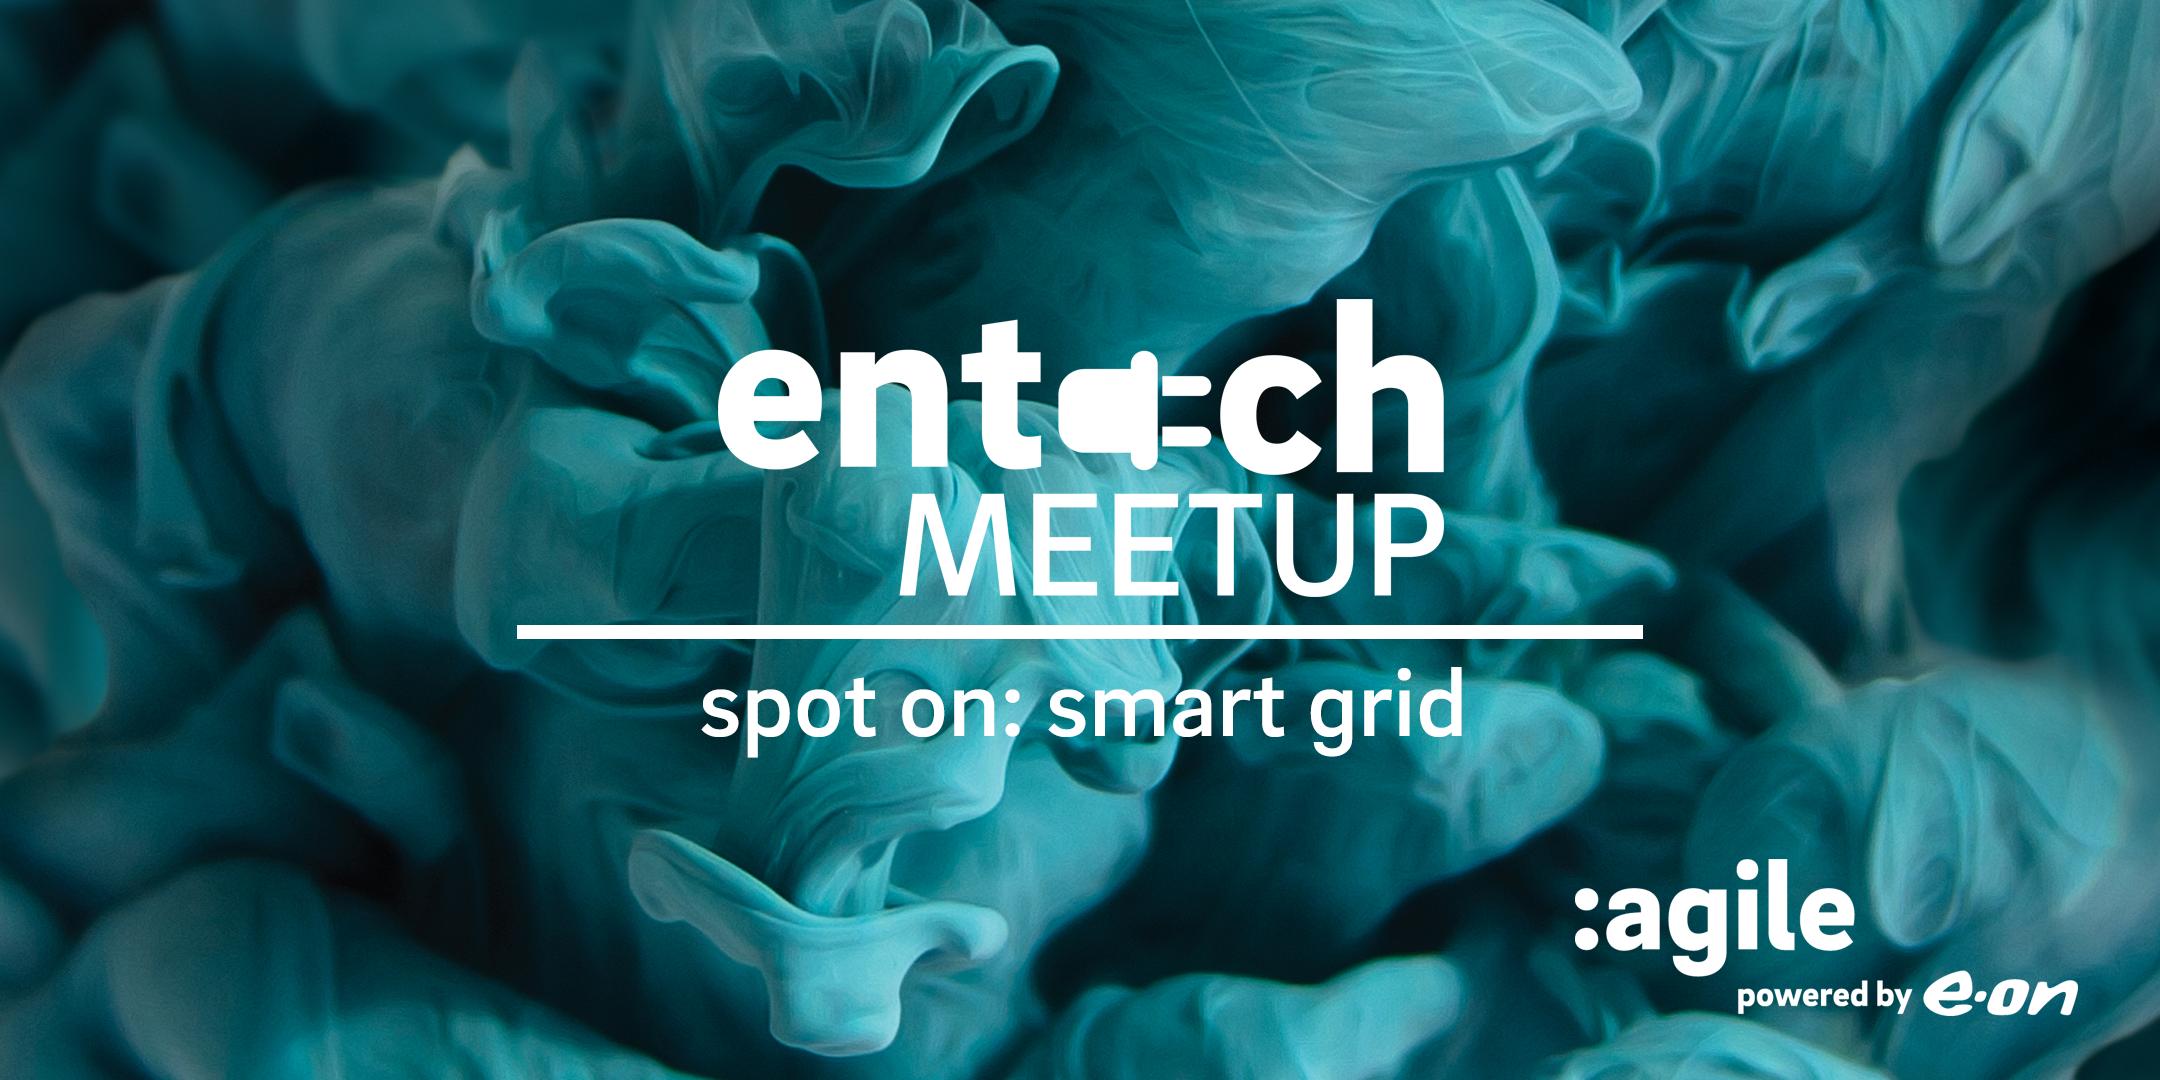 Smart Grid | entech MEETUP